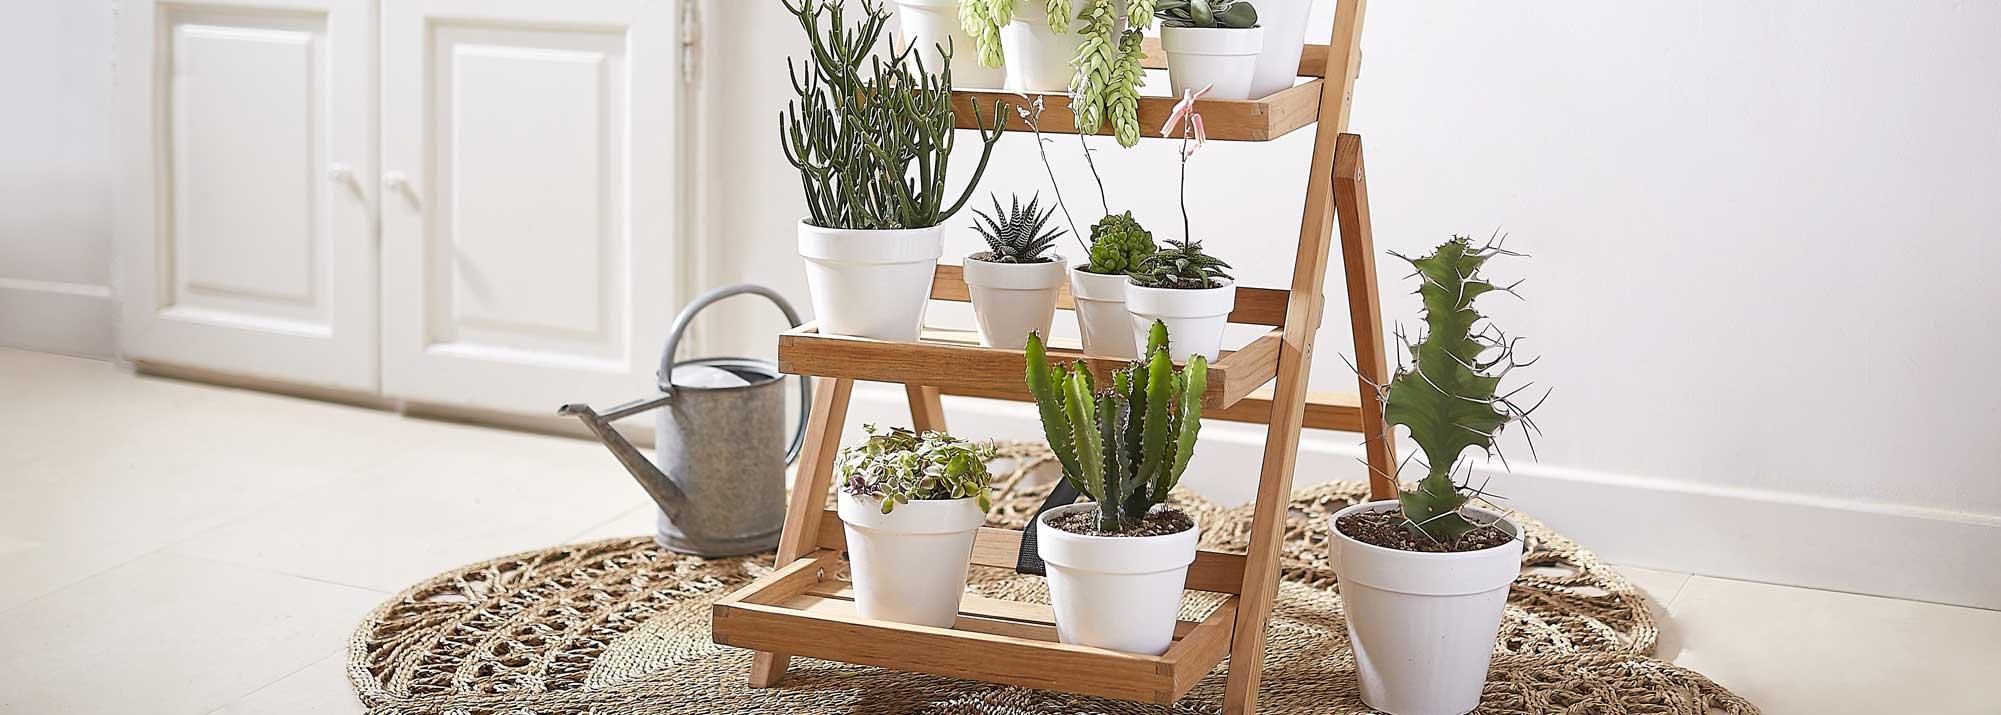 plante grasse et cact es botanic cactus et plantes. Black Bedroom Furniture Sets. Home Design Ideas